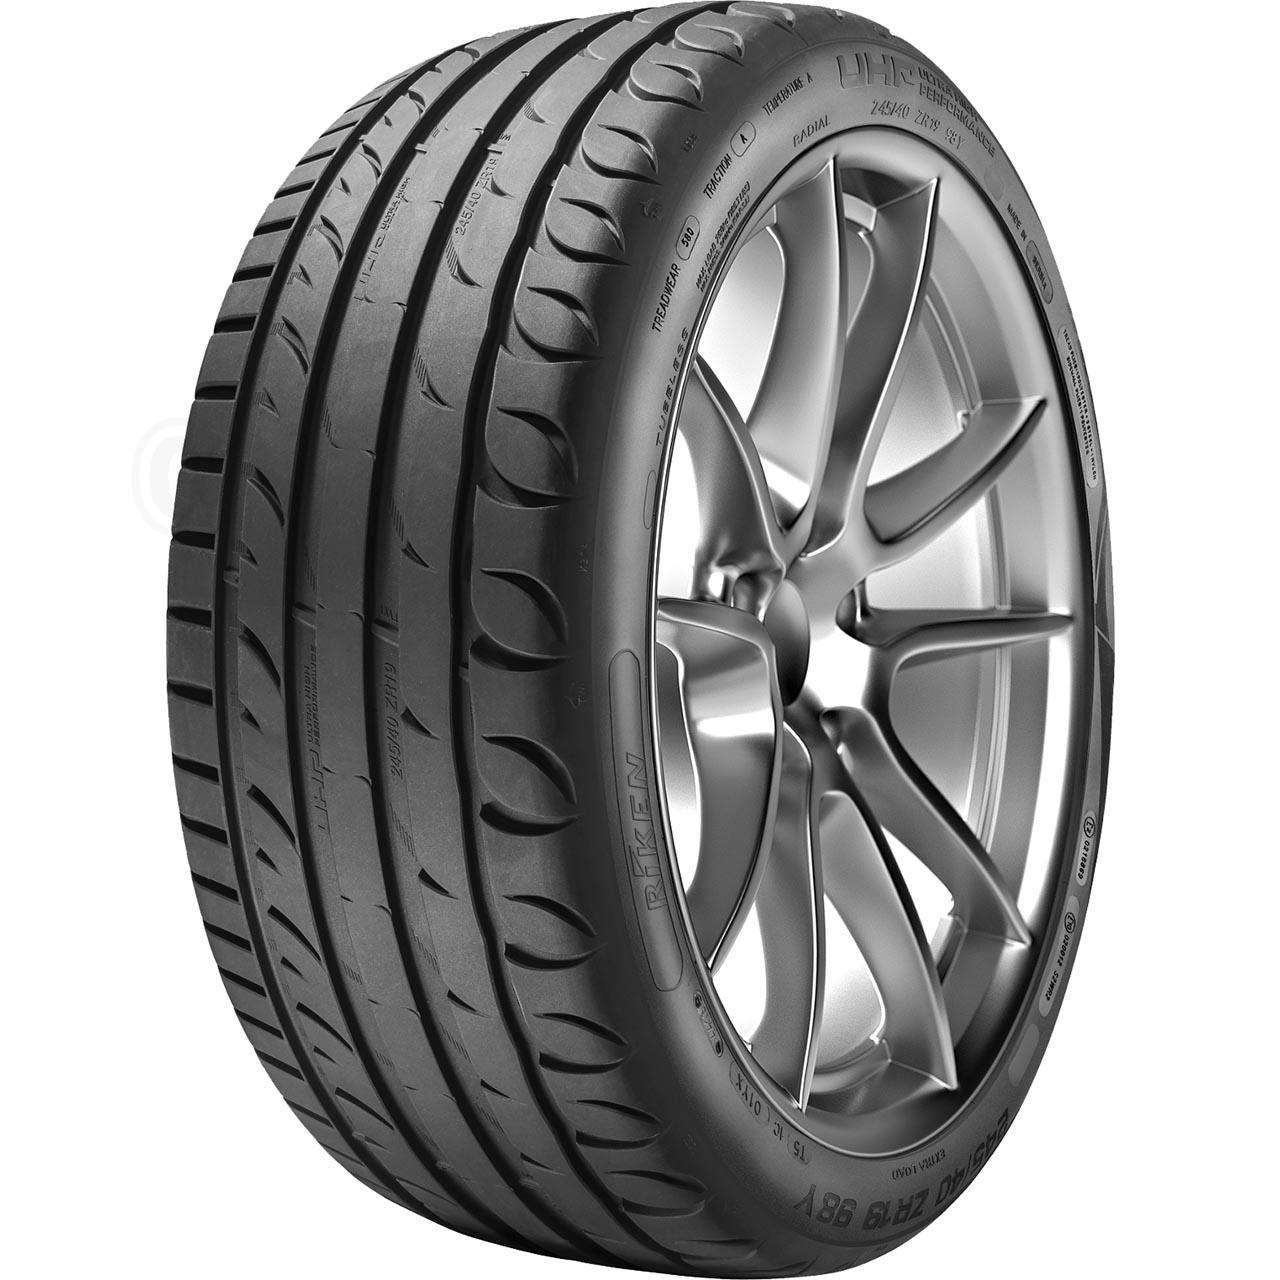 Riken Riken Ultra High Performance 225/40R18 92Y ULTRA HIGH PERFORMANCE XL